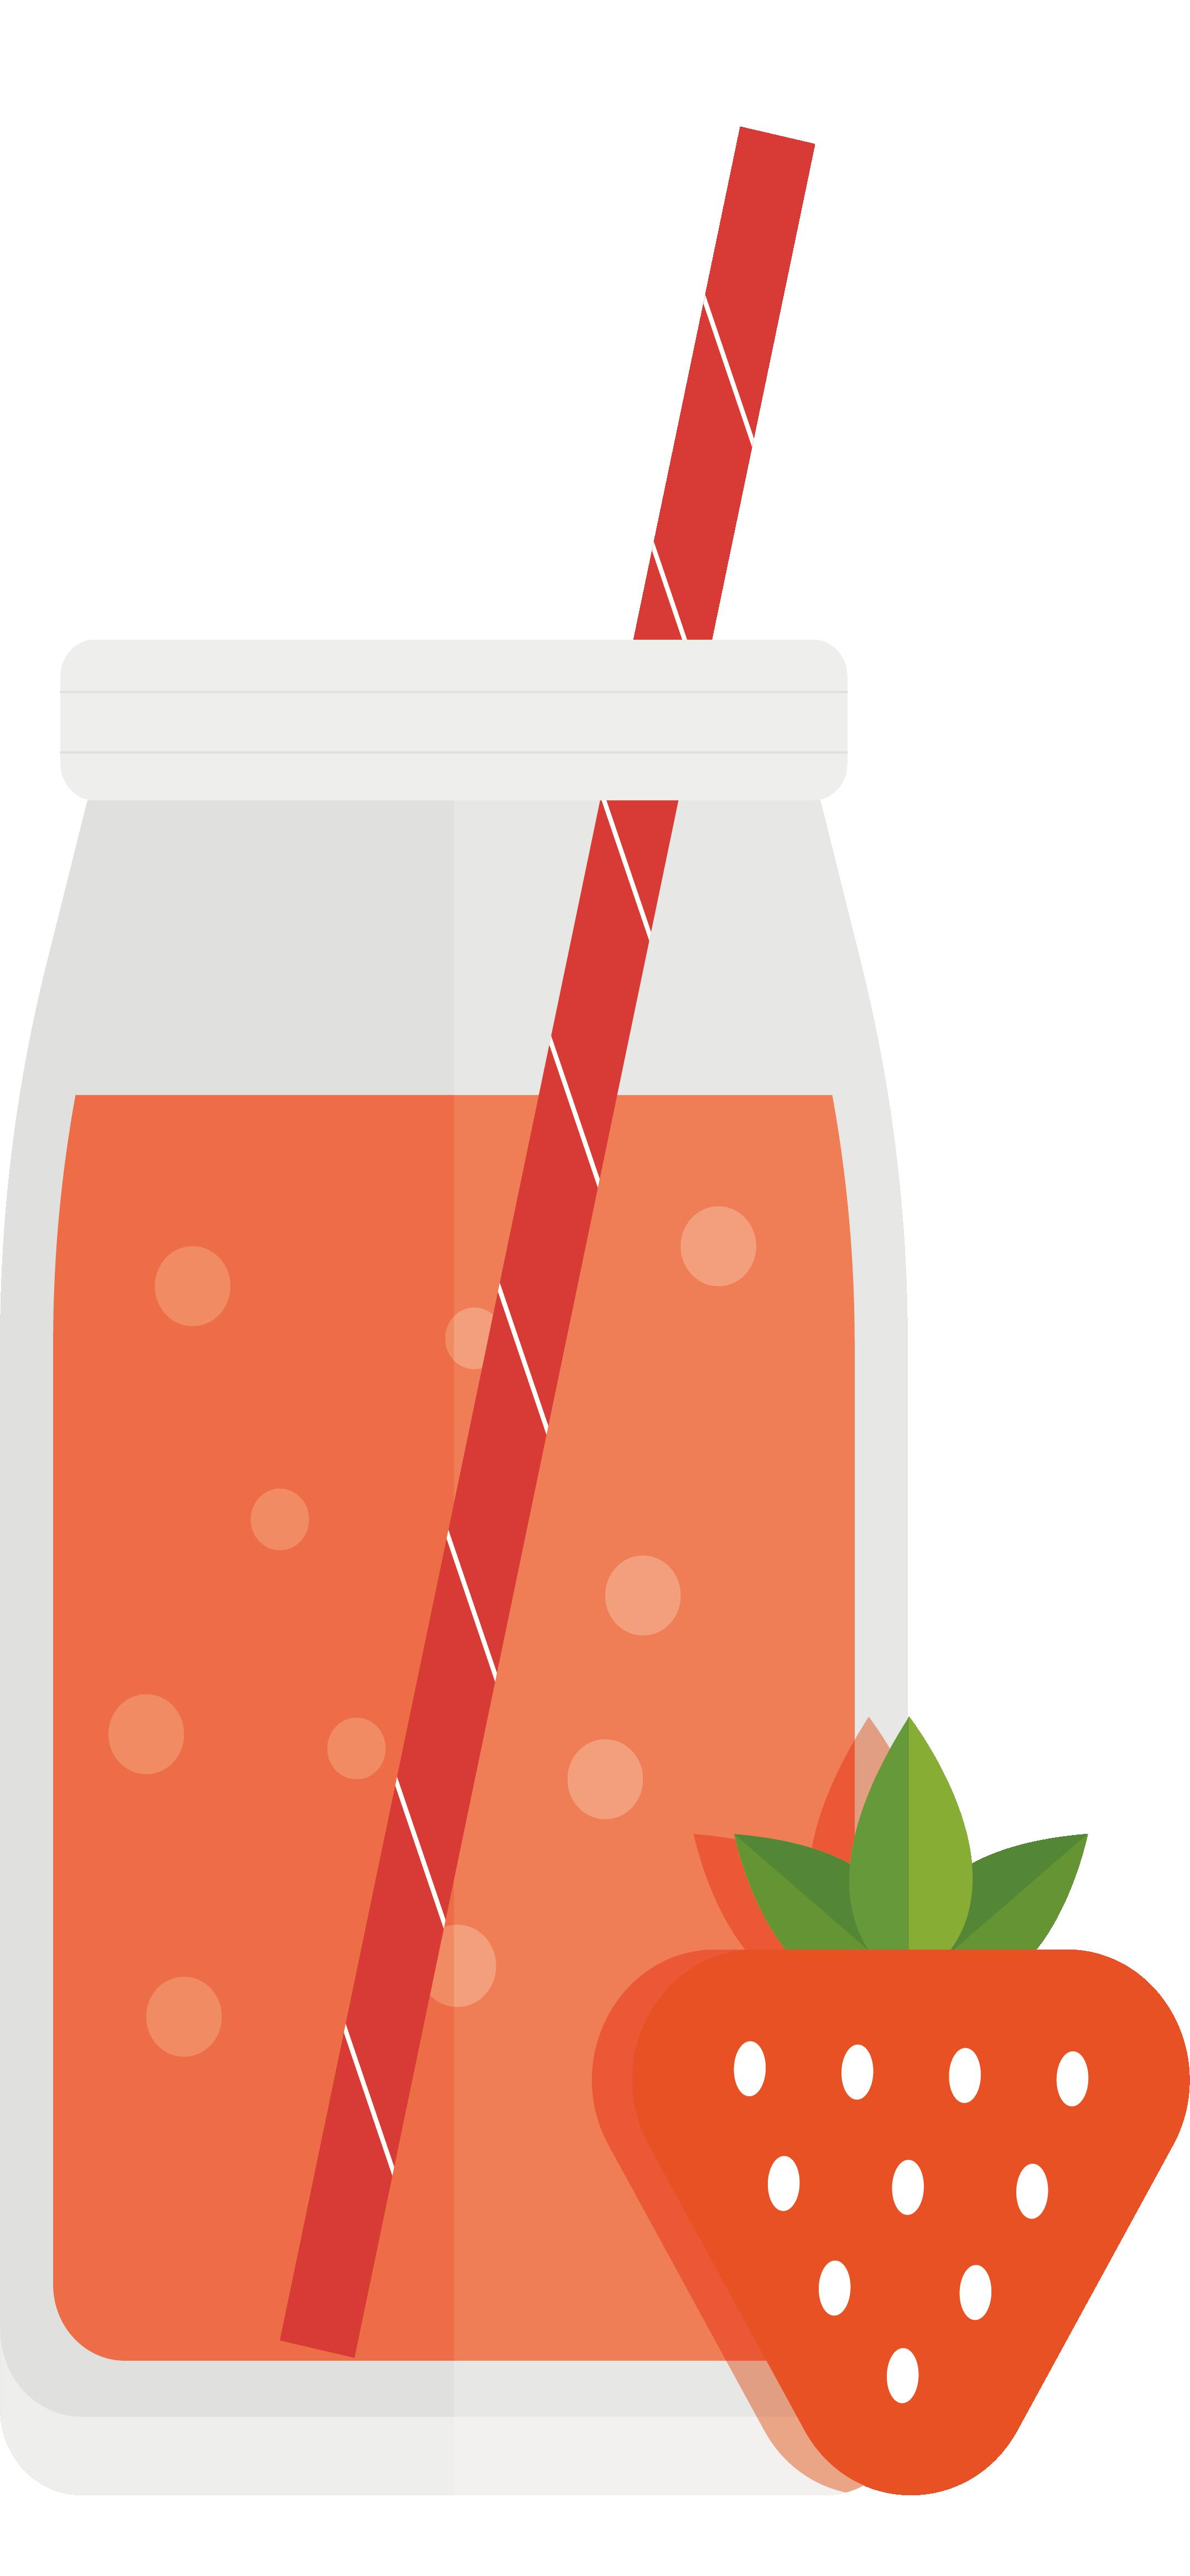 Aedmaasikas design. Juice clipart strawberry juice